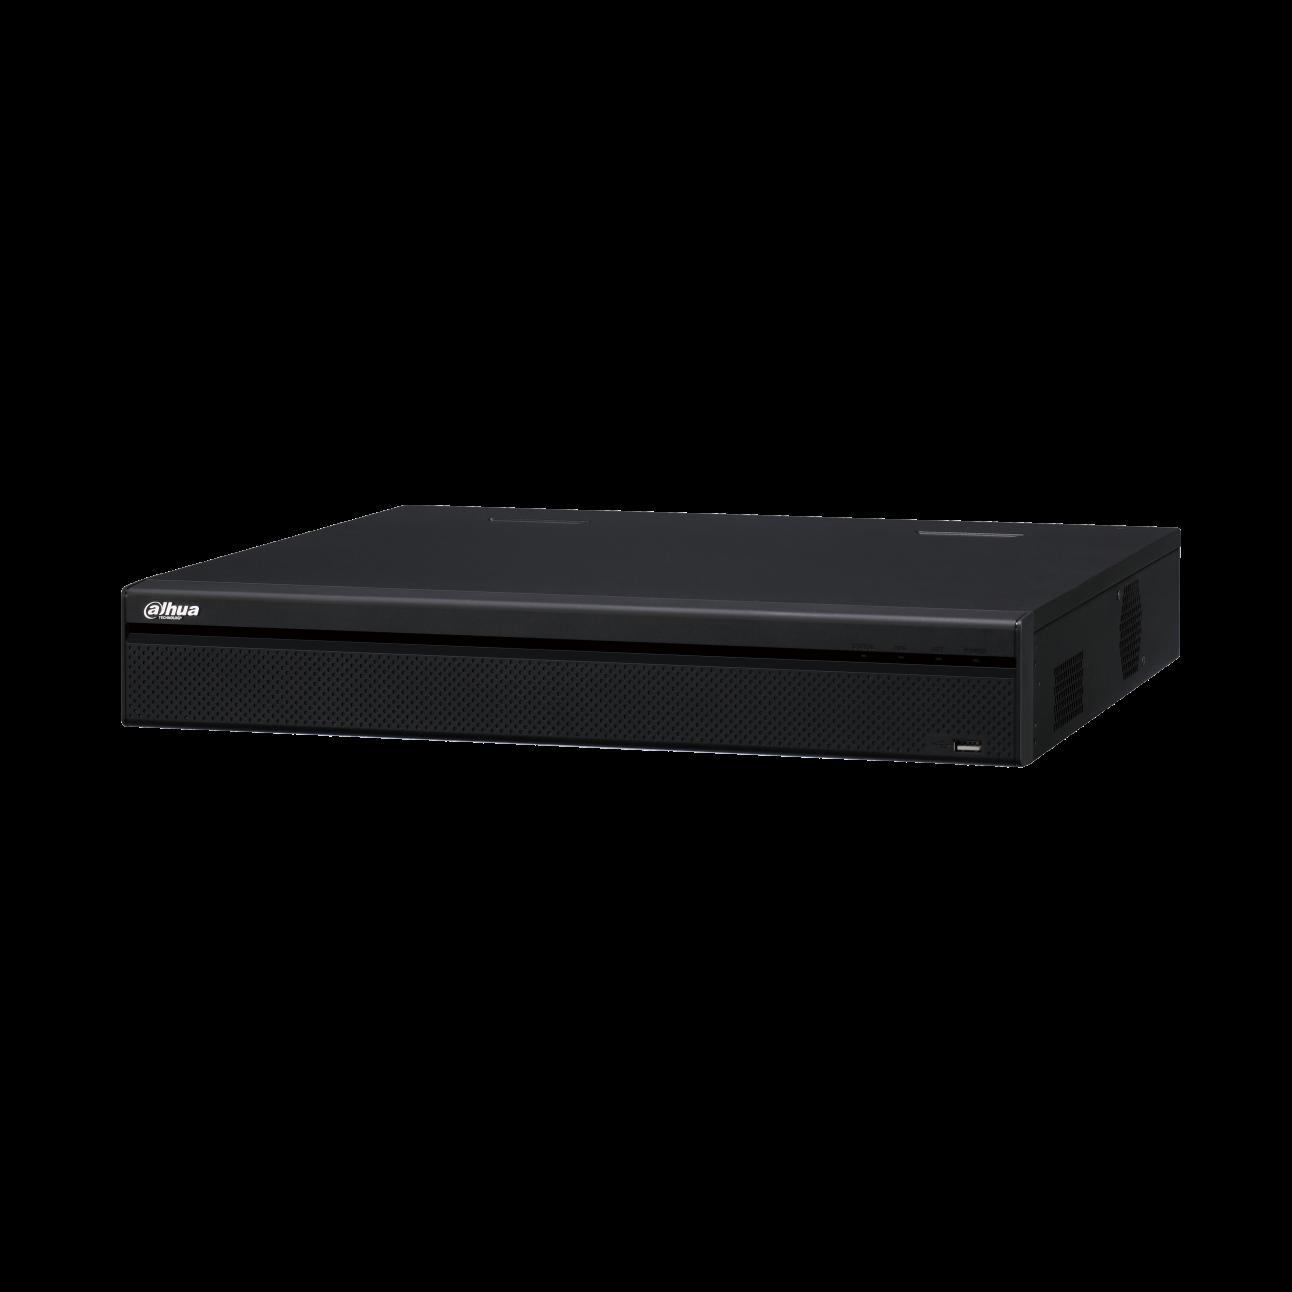 IP Видеорегистратор Dahua DHI-NVR5416-16P-4KS2E 16-и канальный 4K, 16 PoE портов, до 12Мп, 2 HDD до 10Тб, HDMI, VGA, 1 порт USB2.0, 2 порта USB3.0